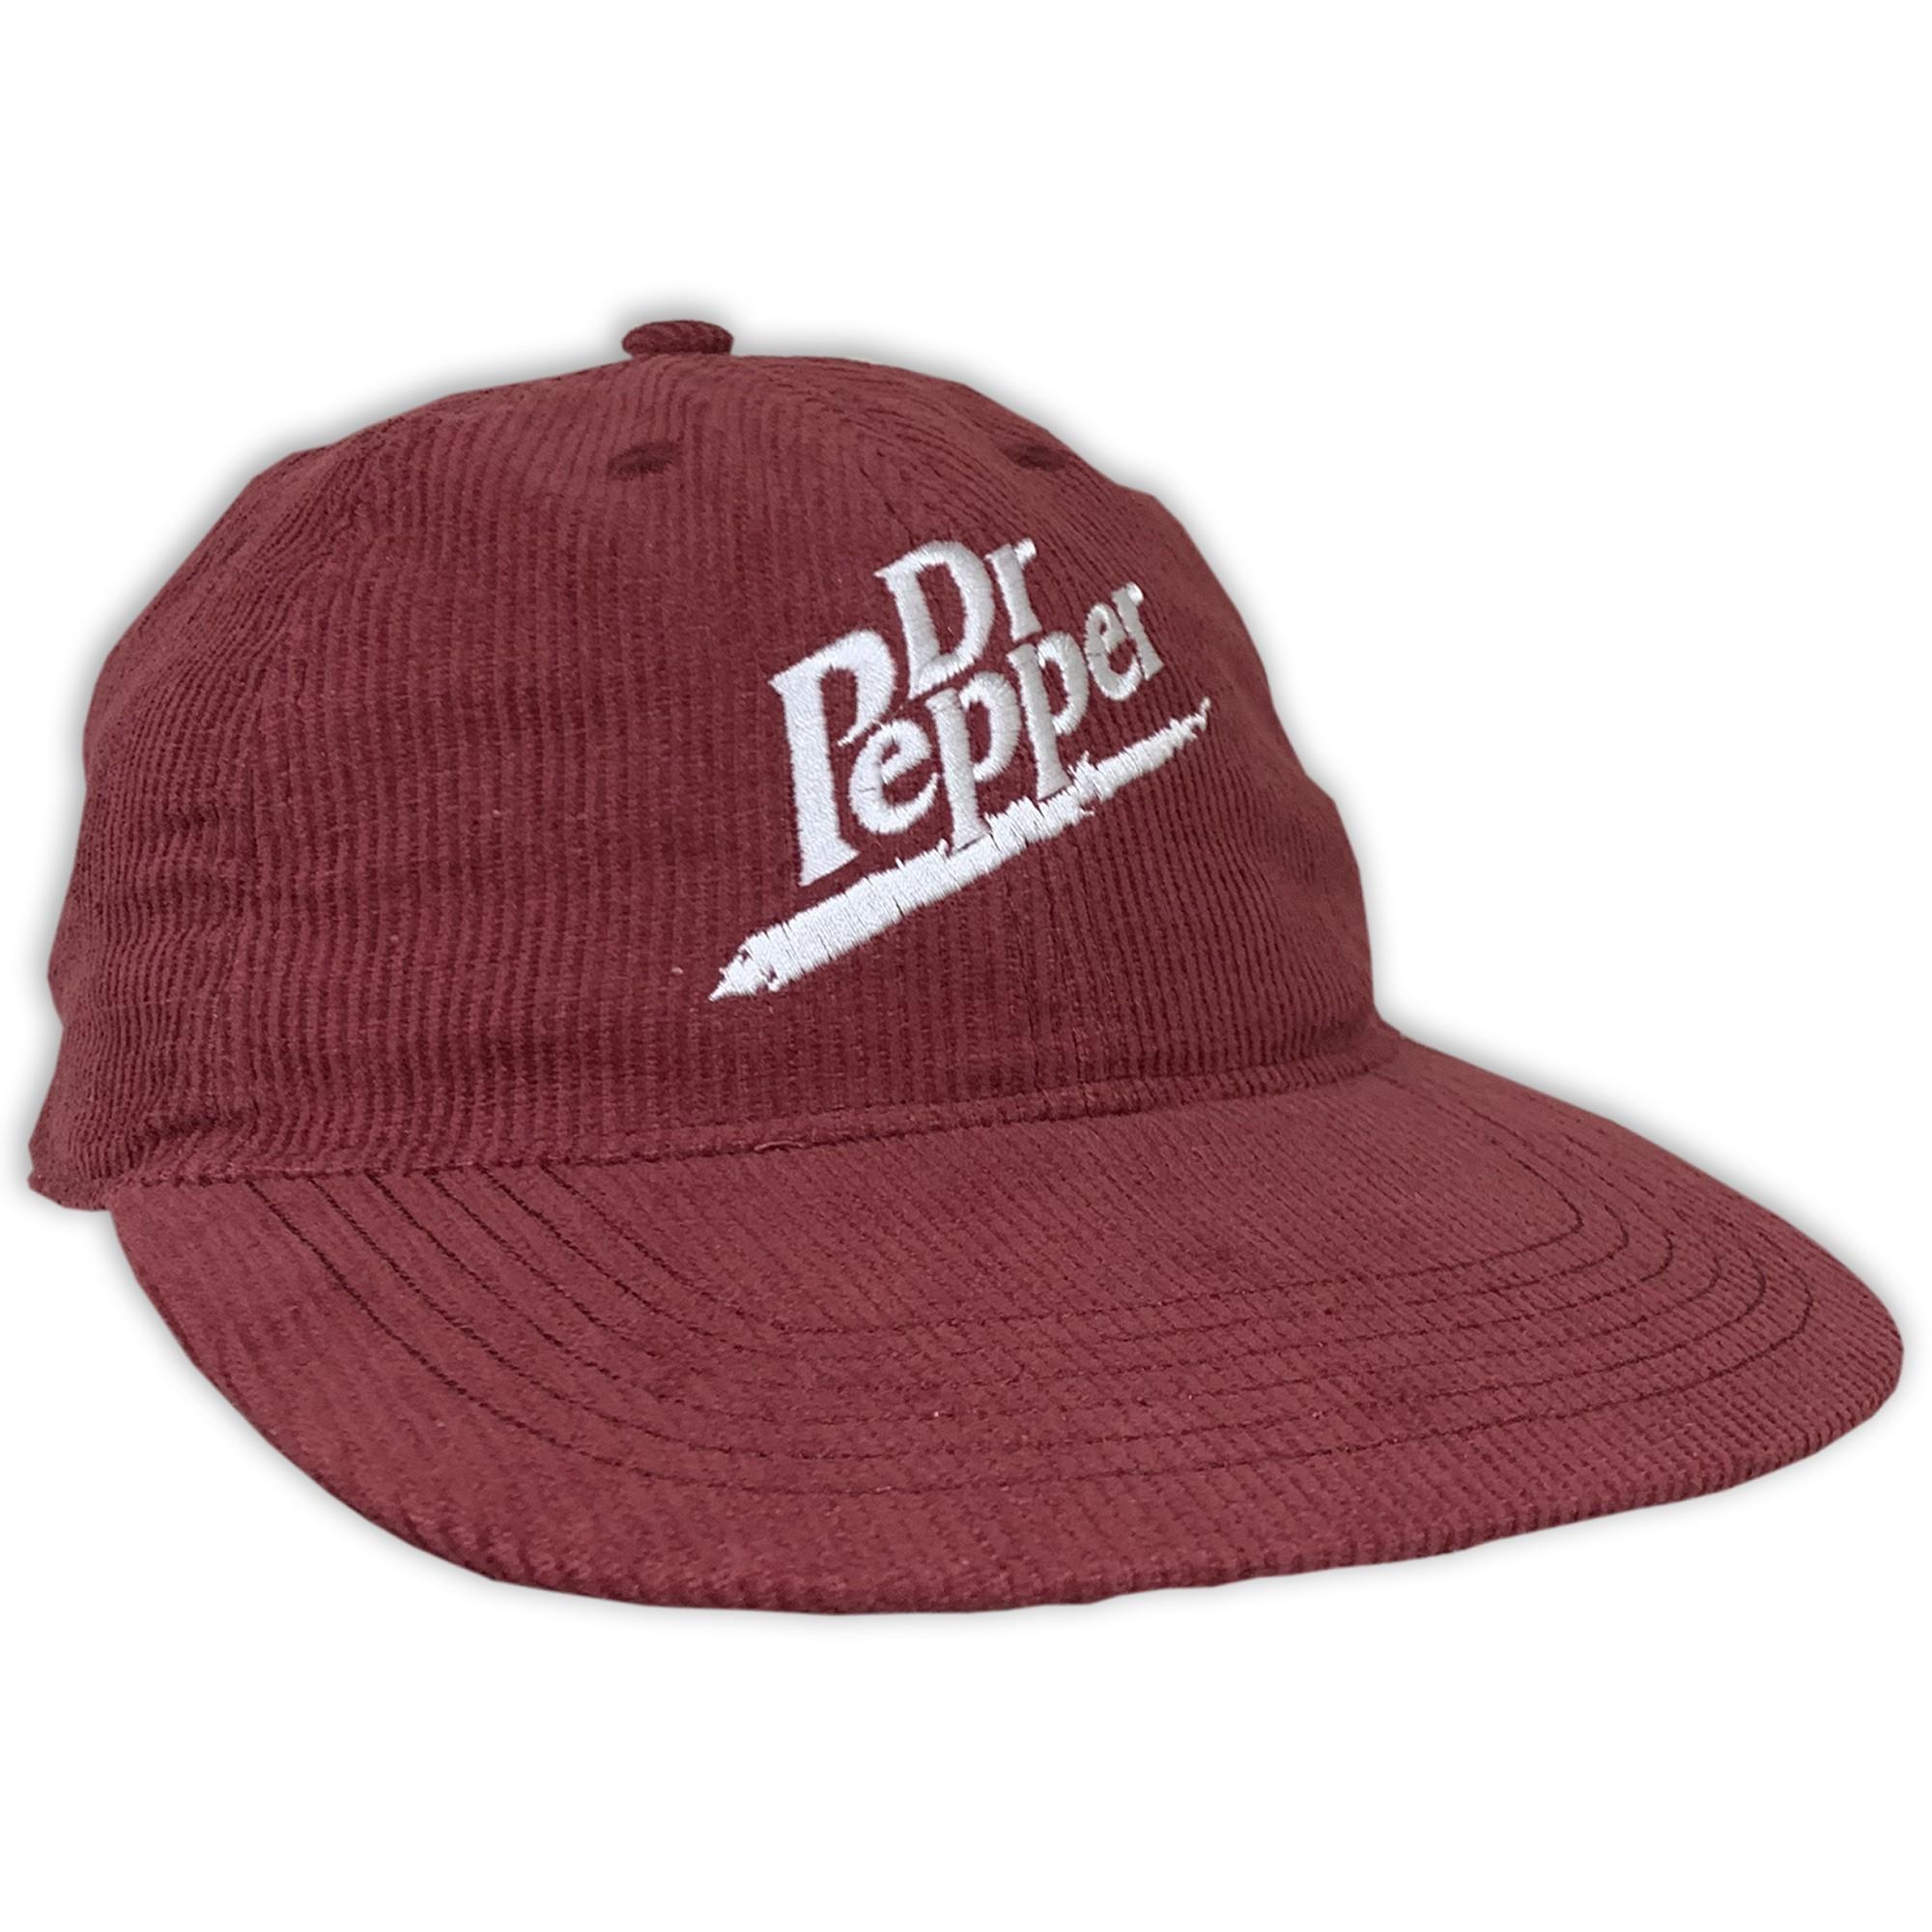 VINTAGE PEPPER MAROON CORD HAT